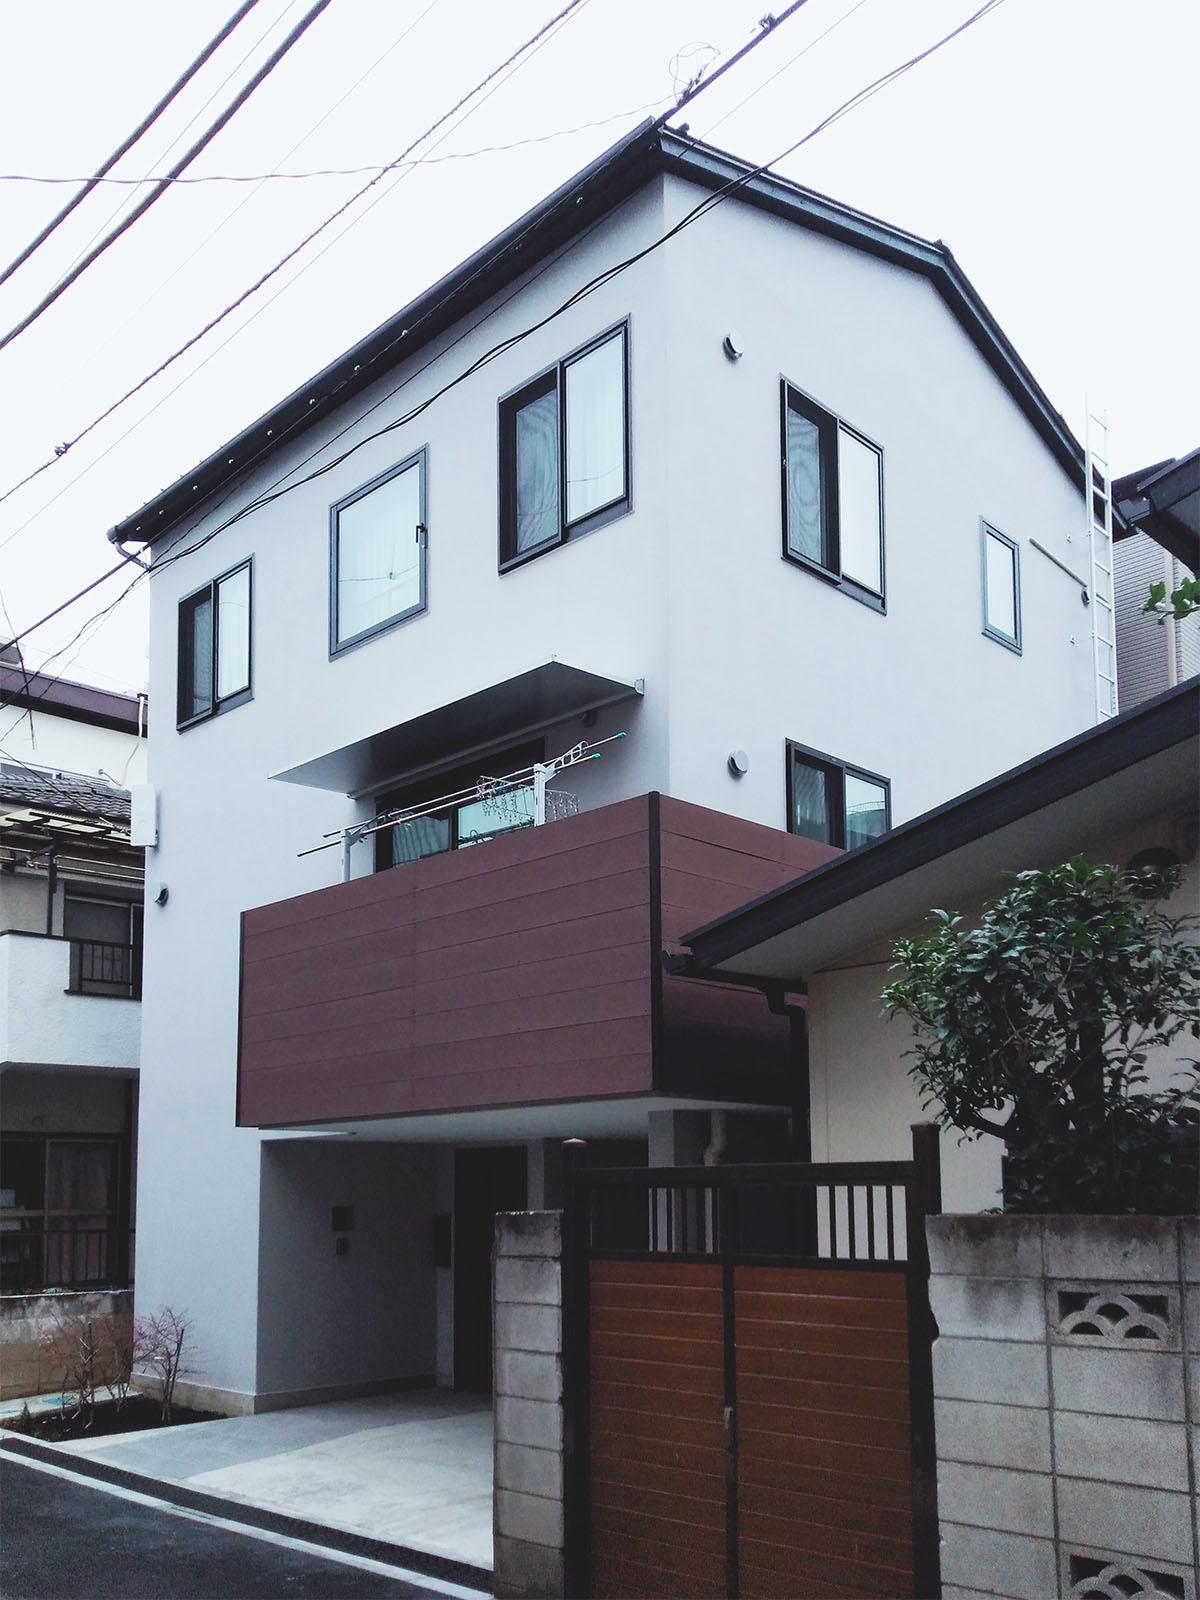 kameido HOUSE